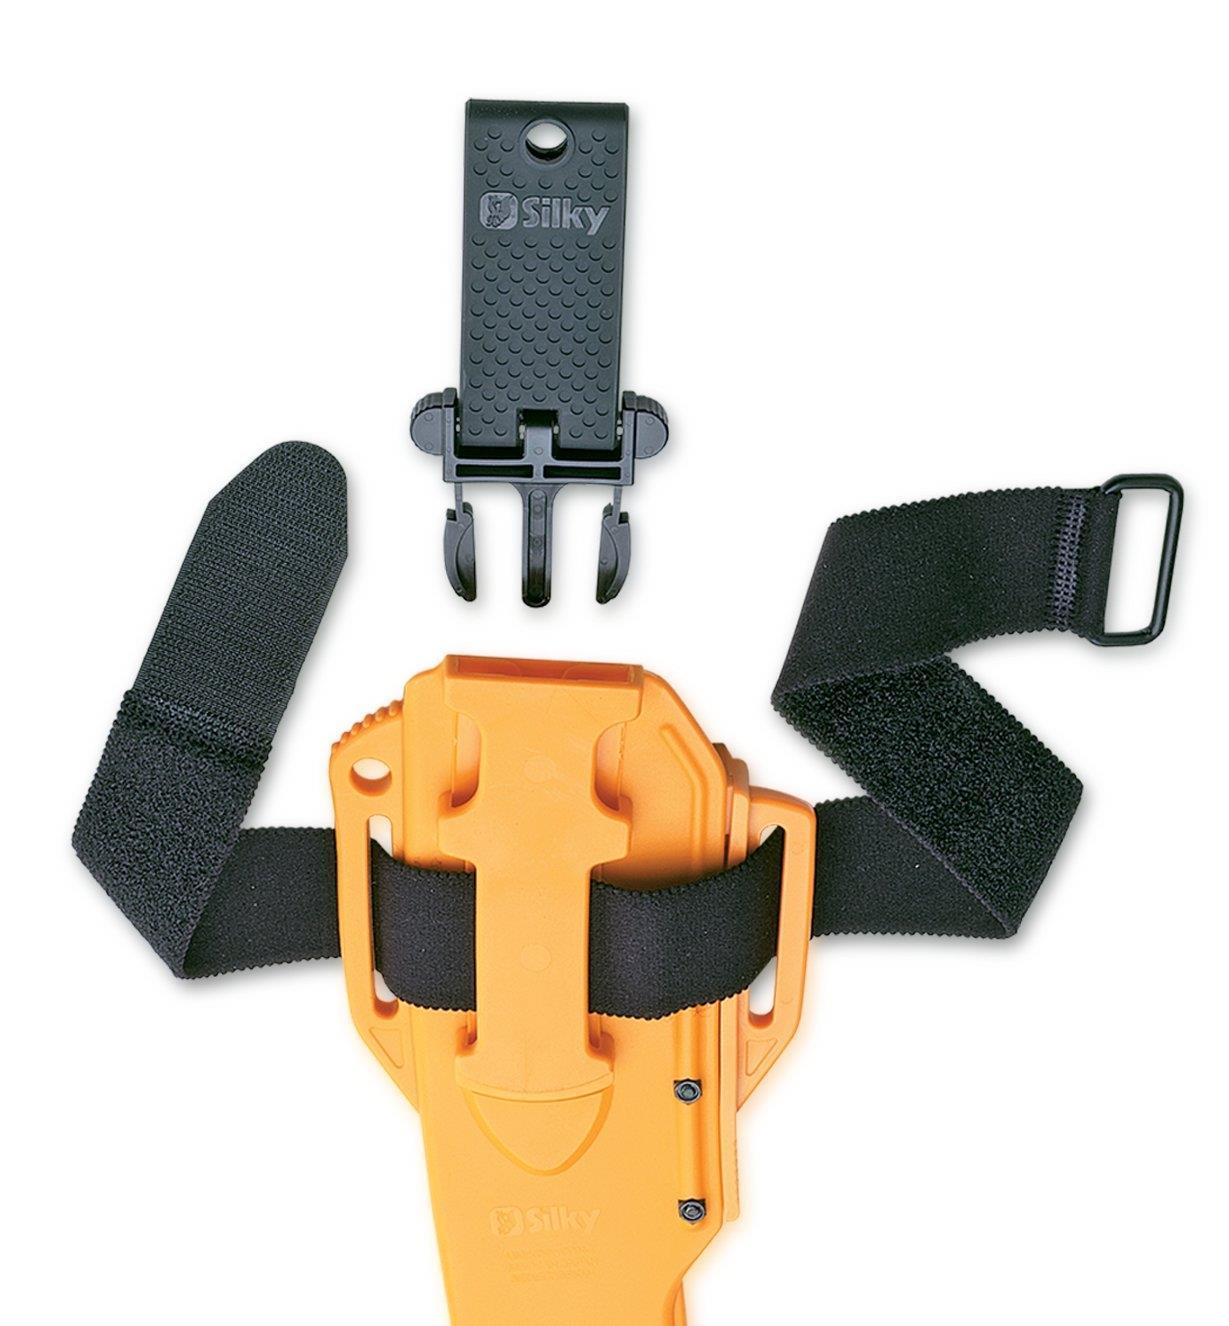 Attache à déclenchement rapide pour la ceinture du fourreau pour scie d'élagage Sugoi 360 Silky